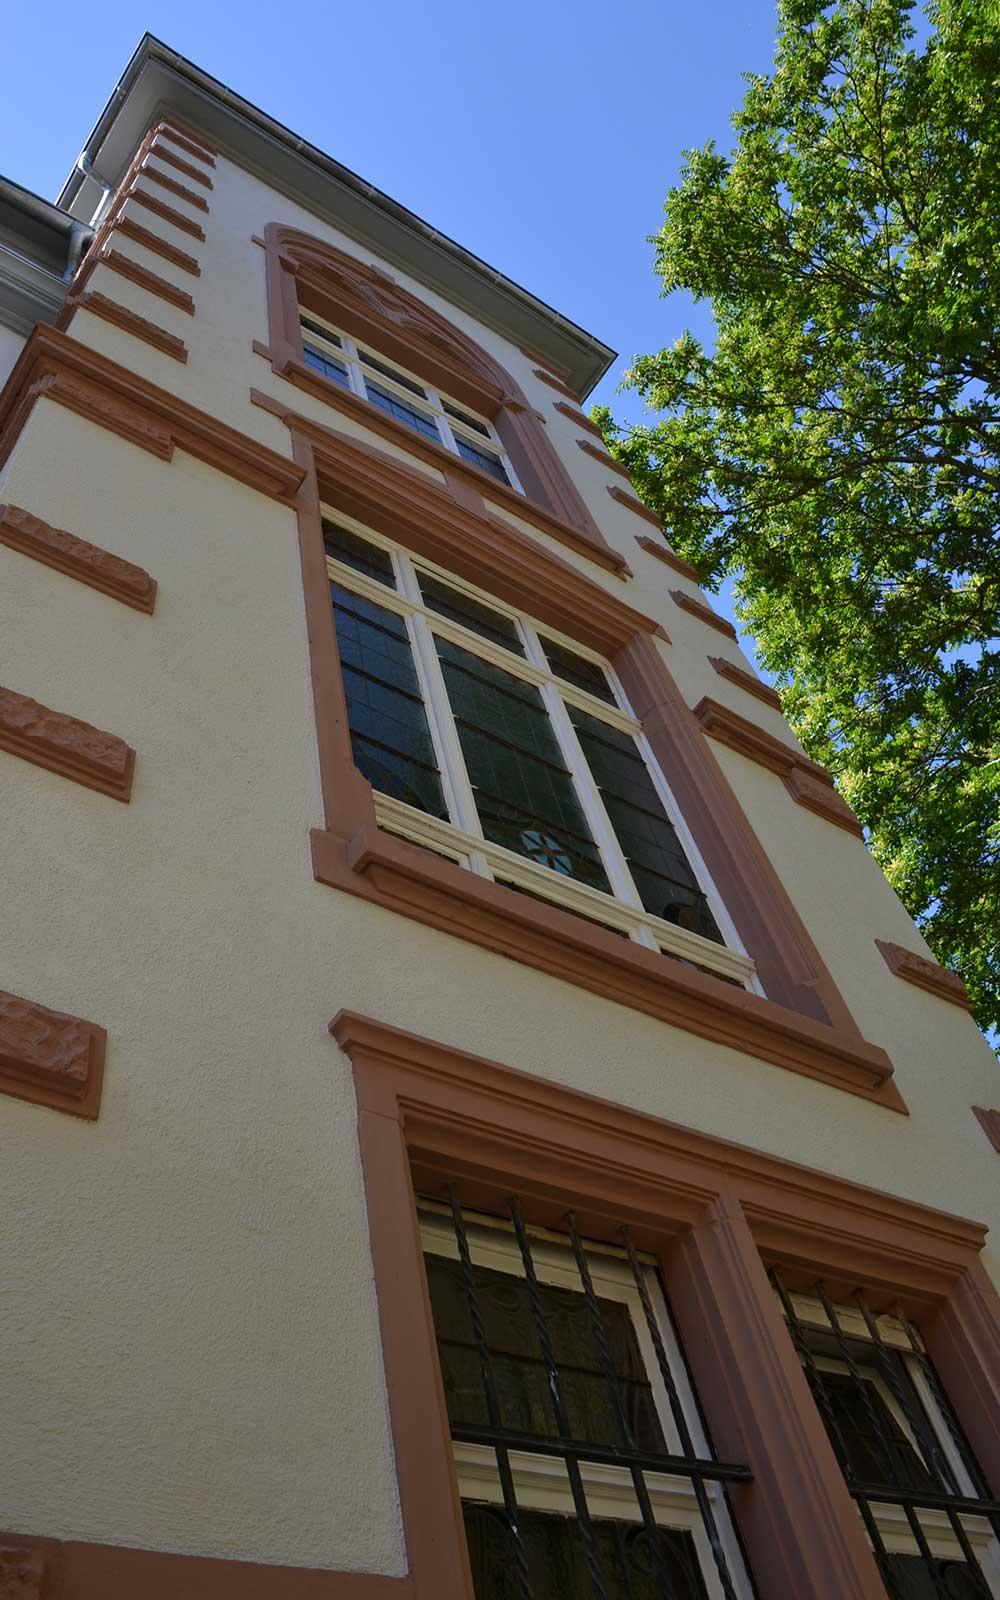 Altbausanierung in der Weststadt Heidelberg, Kochhan und Weckbach Architekten